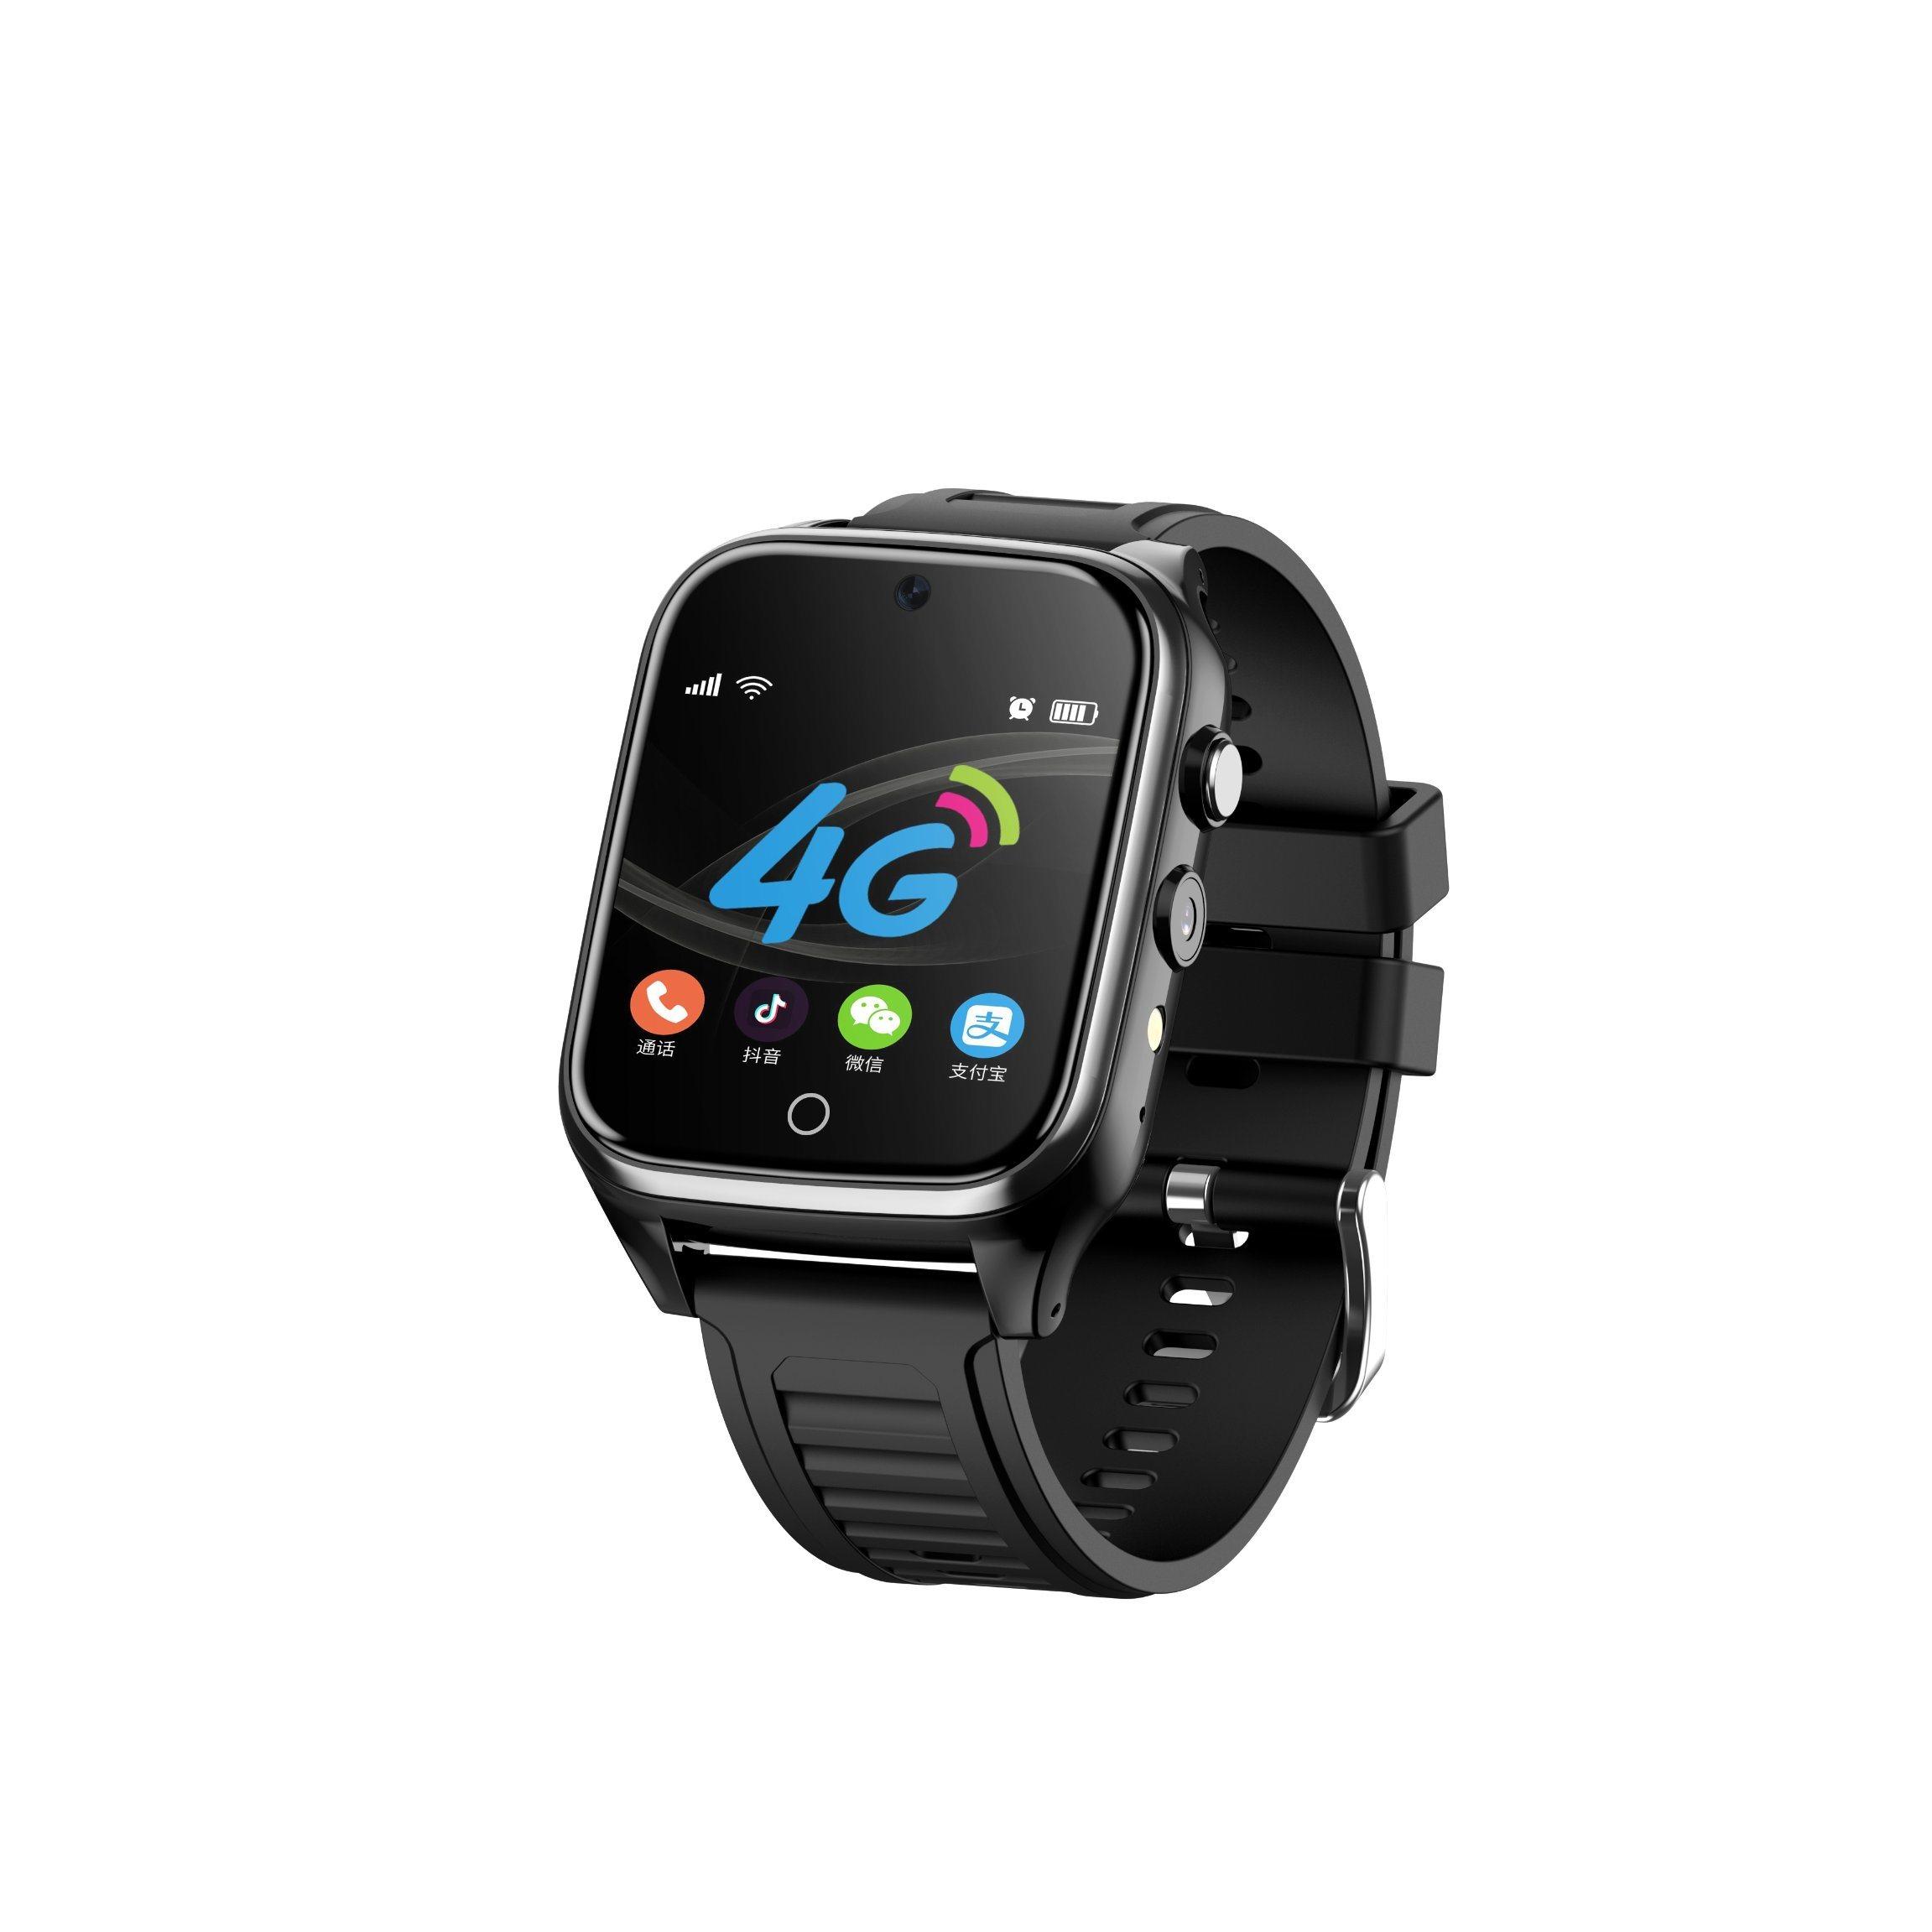 Venda por grosso de vigilância móvel Smartwatch Smartwatch telemóveis 4G ranhura de cartão SIM/WiFi/Câmara Dupla // Android GPS/Bluetooth Smart Phone Adulto Relógios para crianças